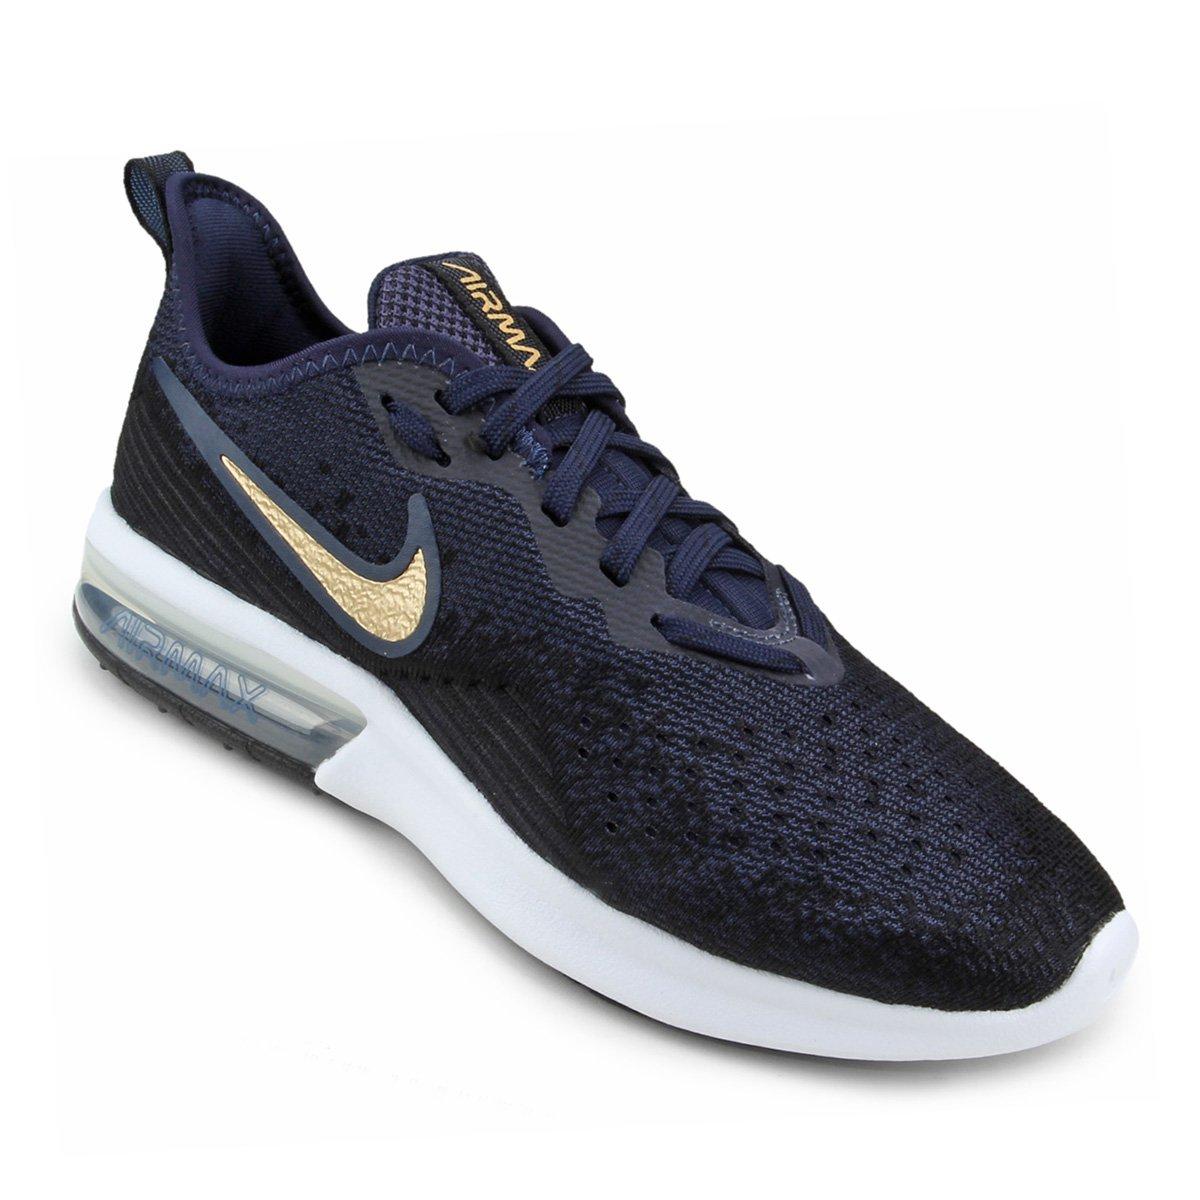 25bd3e15f9e Tênis Nike Air Max Sequent 4 Feminino - Preto e Azul - Compre Agora ...